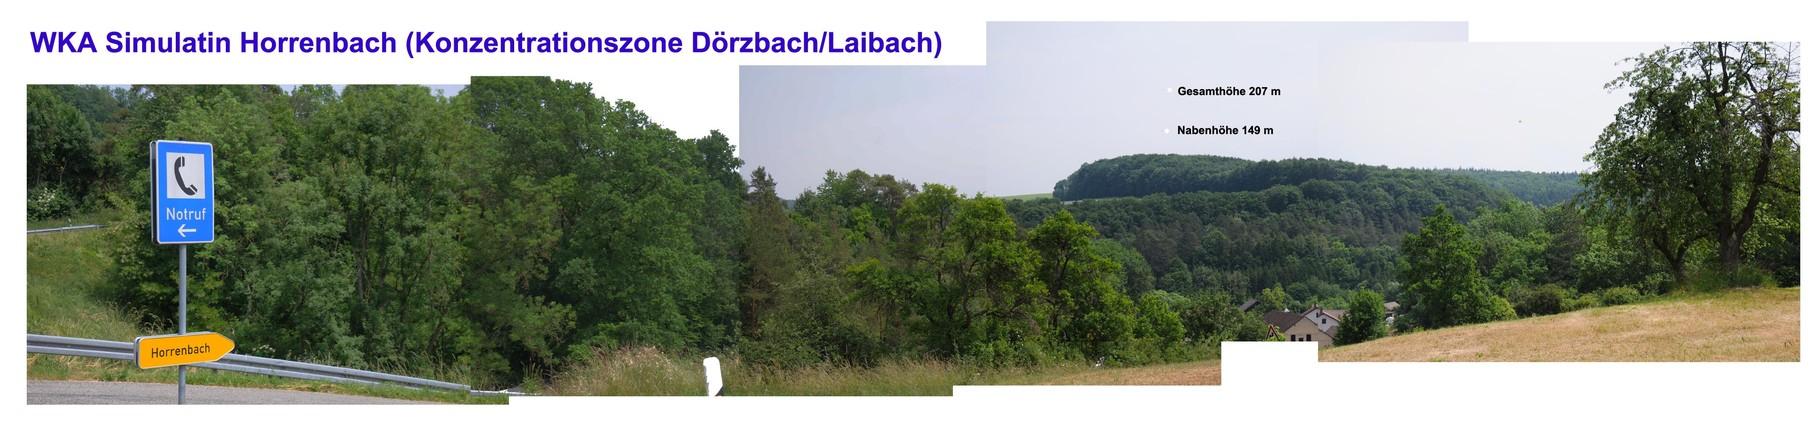 Horrenbach